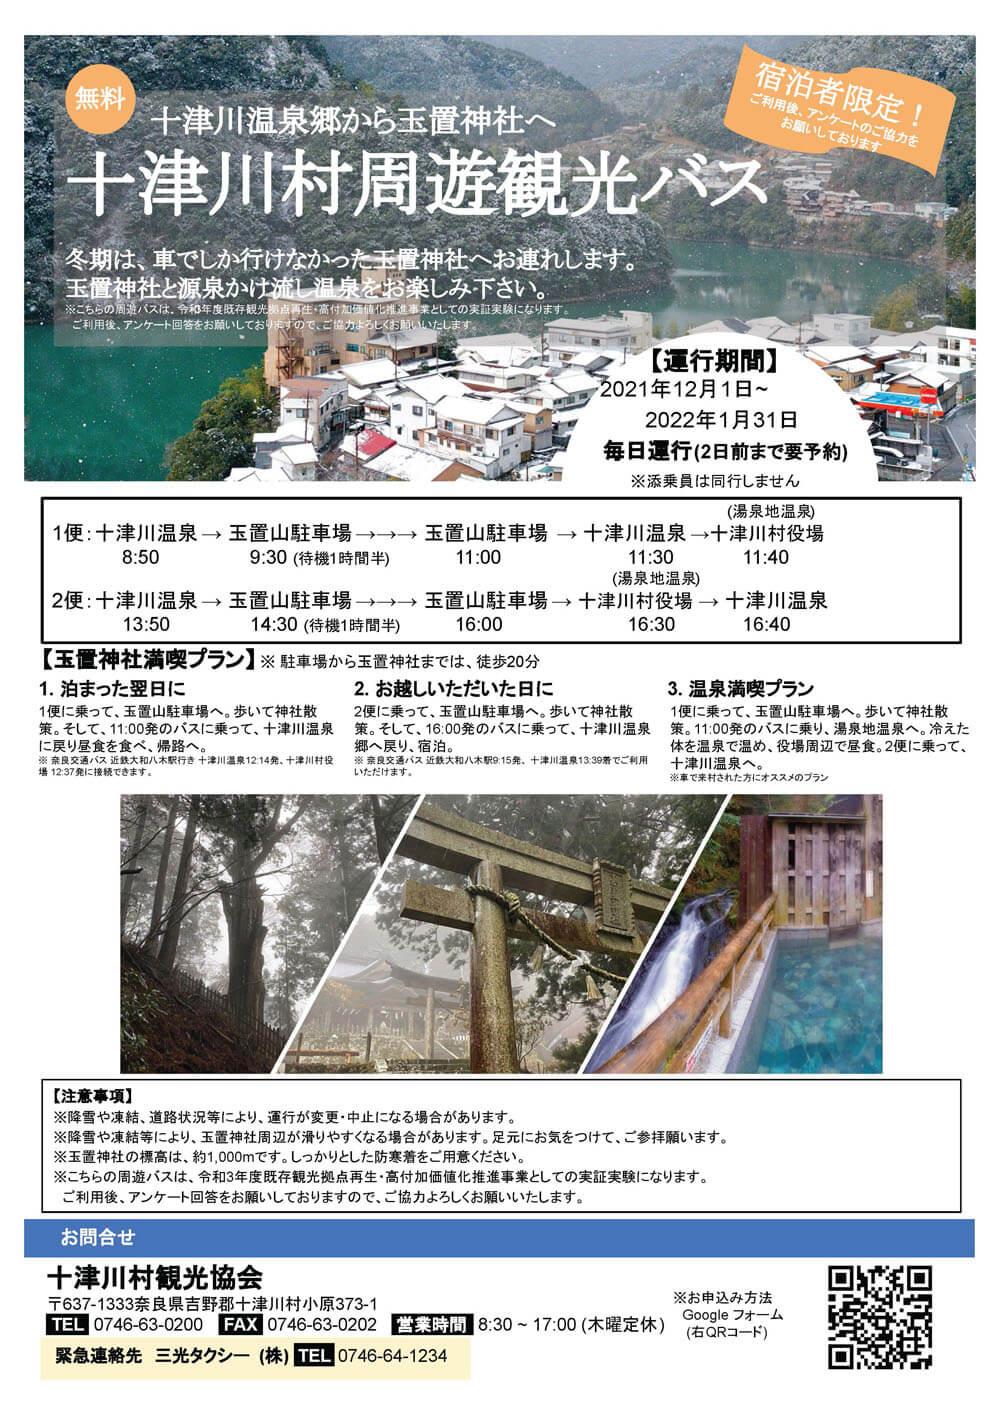 十津川村周遊バス 玉置神社 温泉